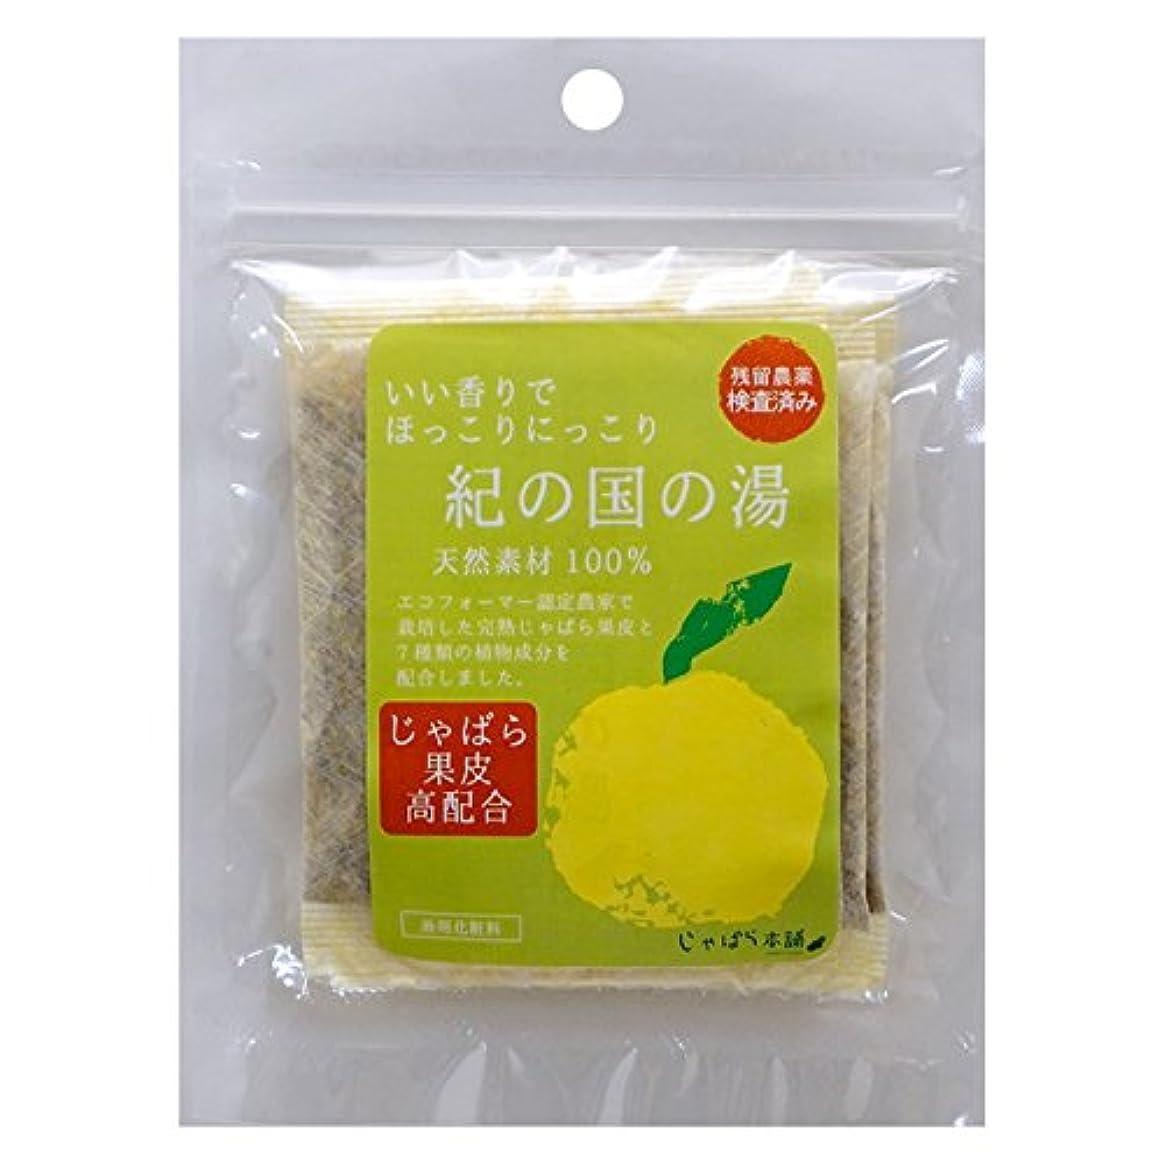 大学担当者オープニングじゃばら果皮入りの入浴剤 「紀の国の湯」 1袋(15g×3包入り)